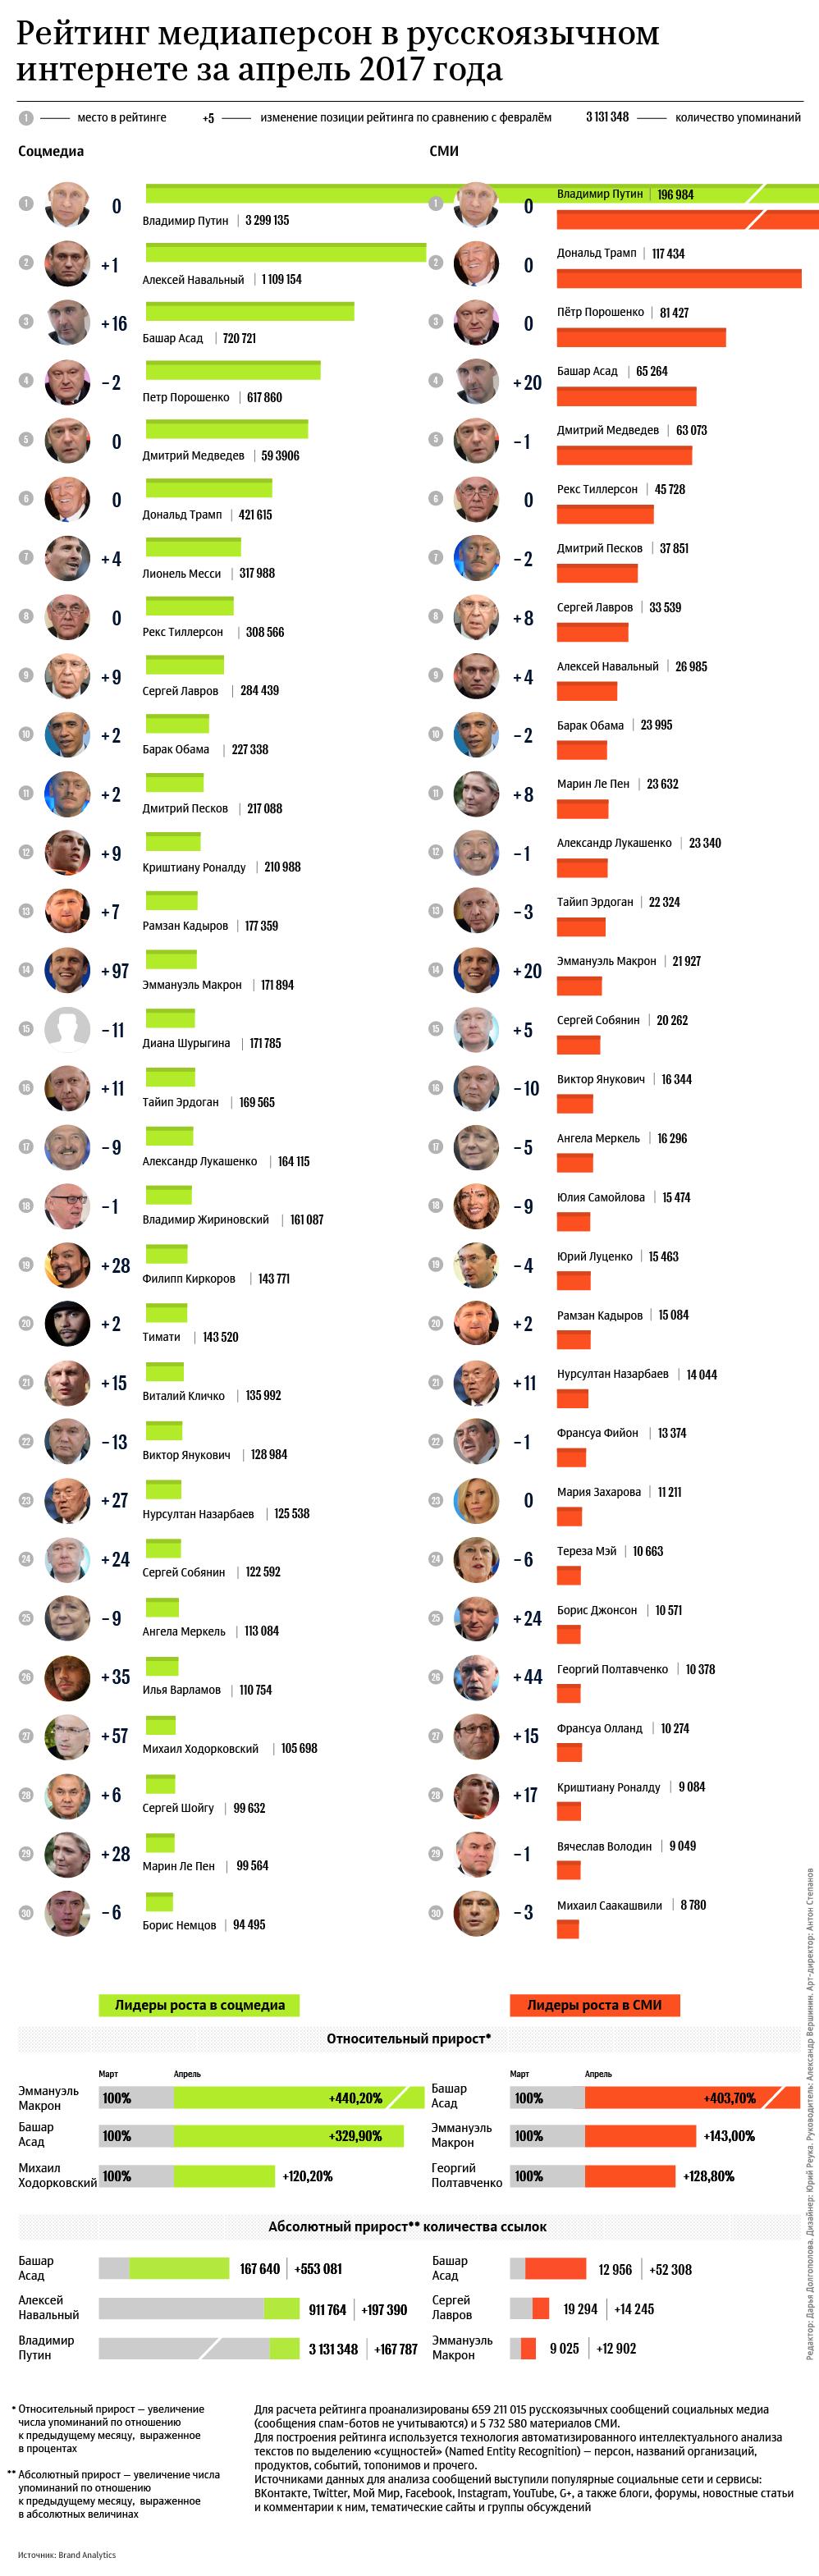 Рейтинг медиаперсон в русскоязычном интернете